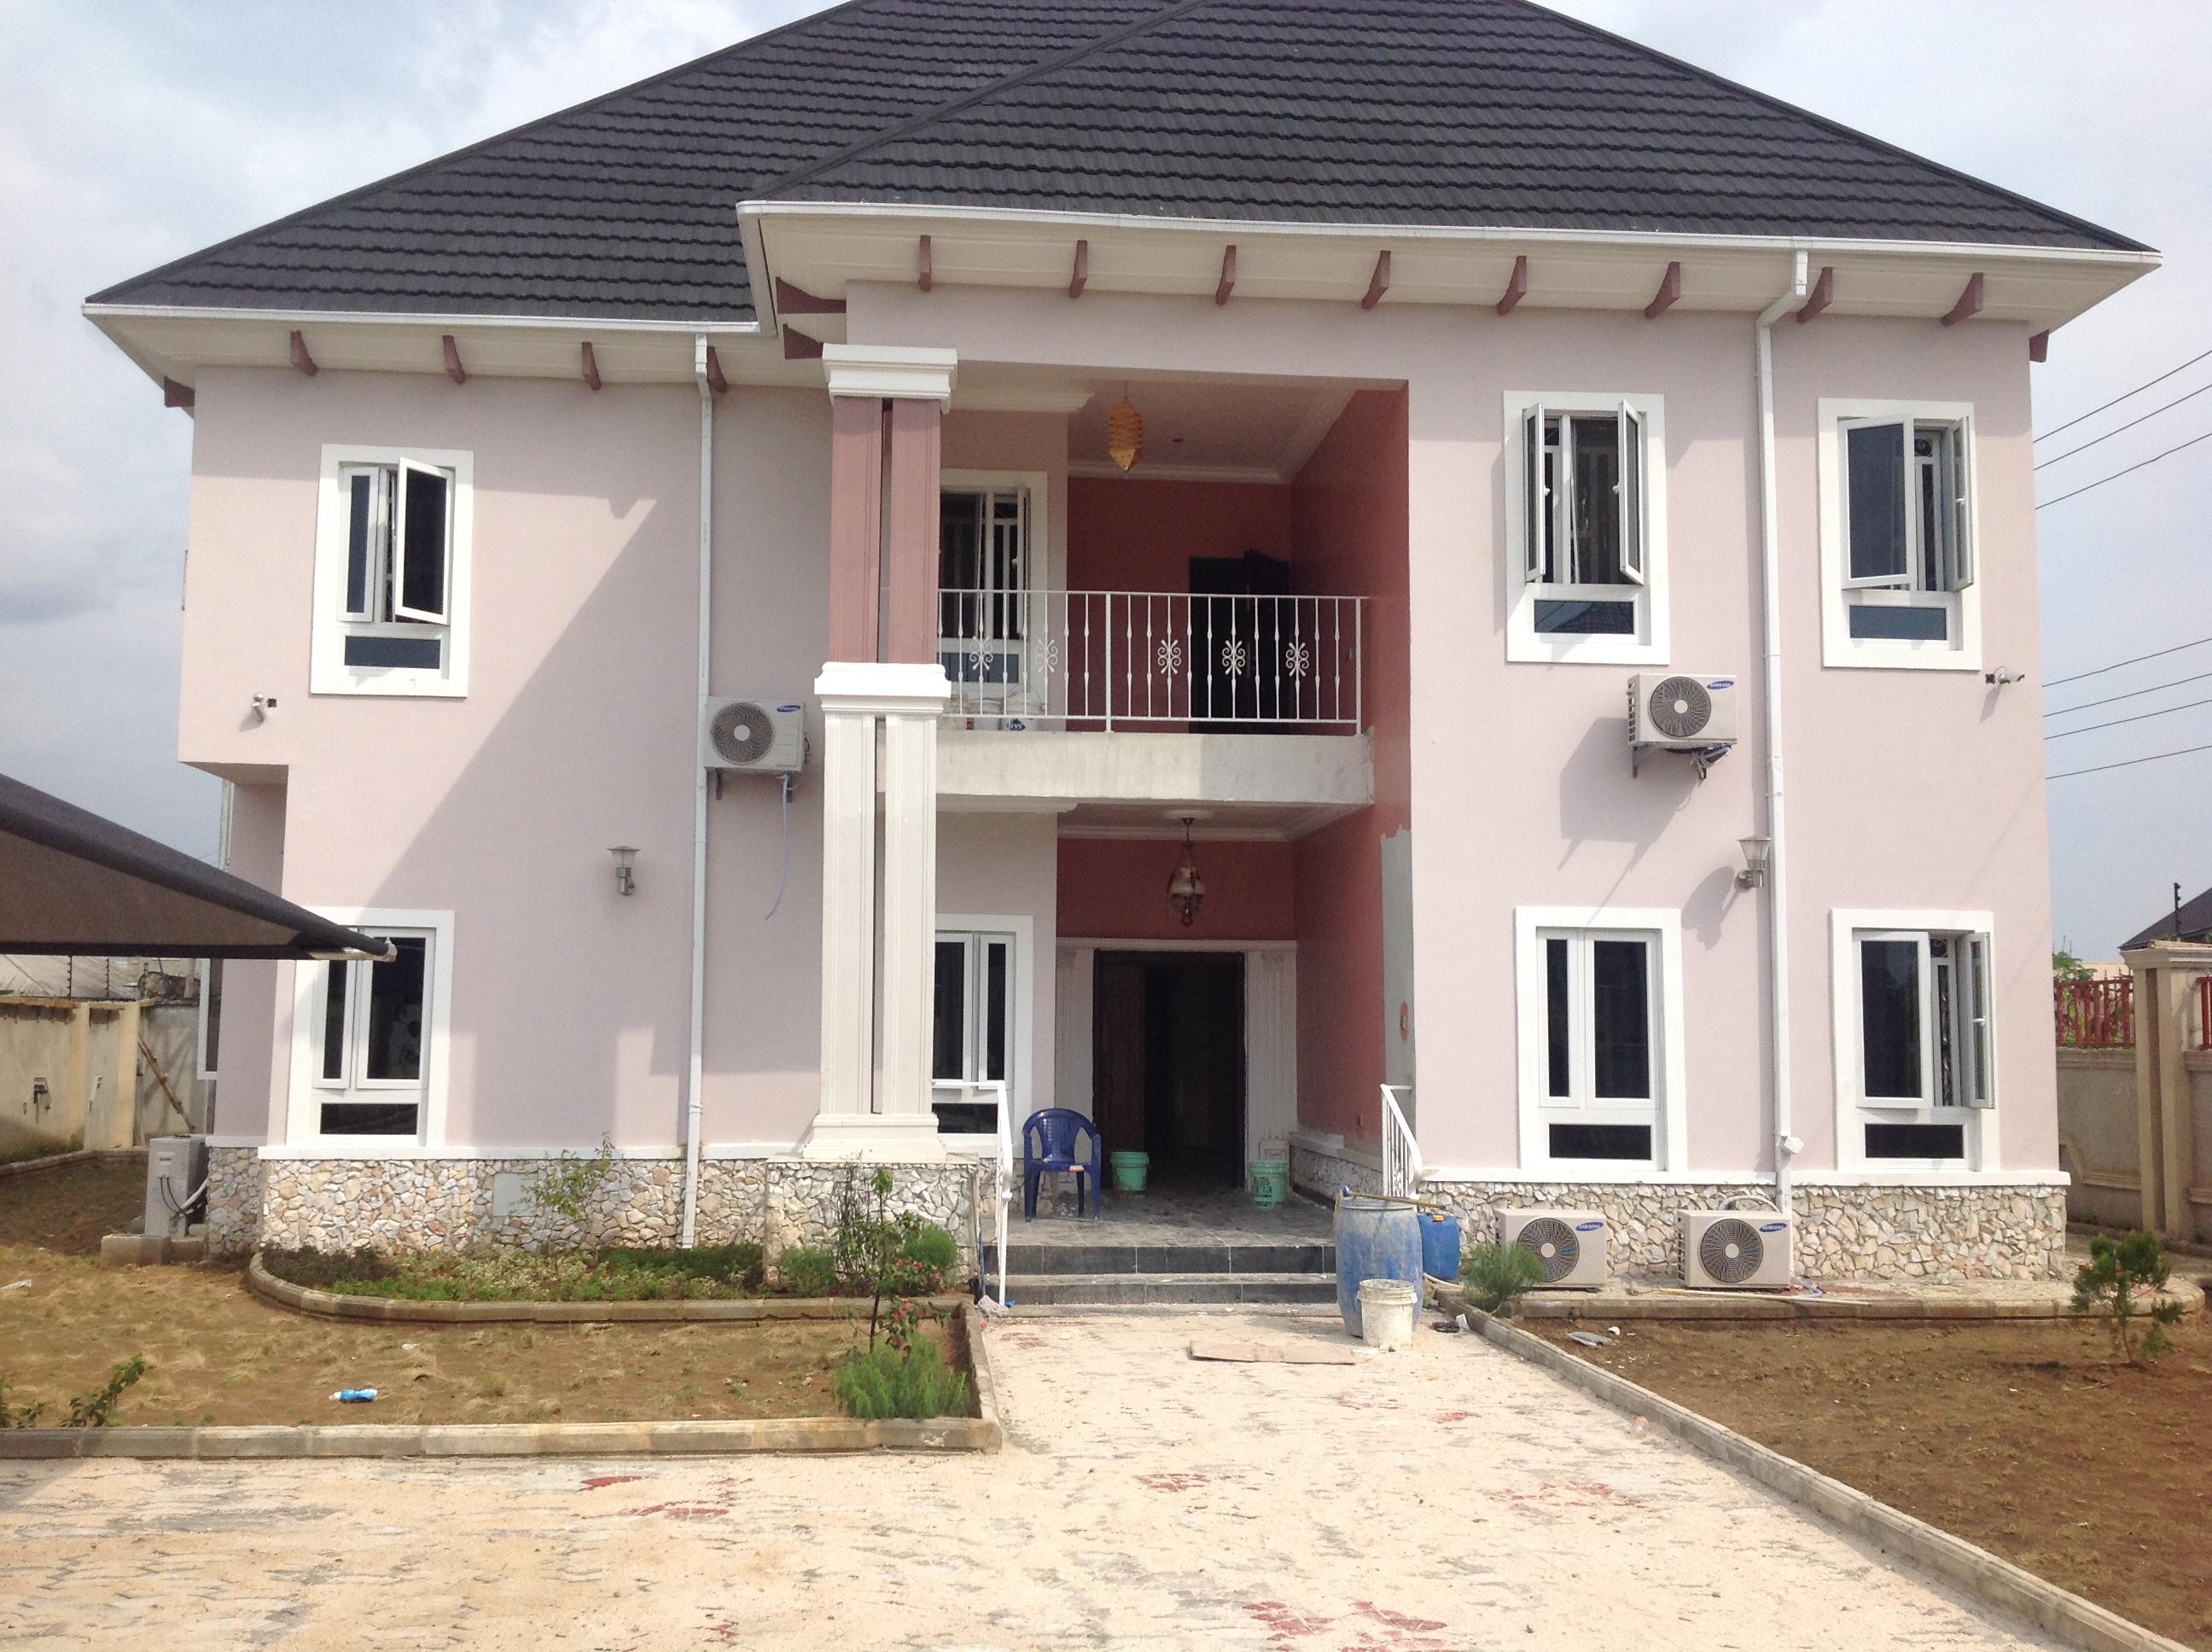 Cotonou stone